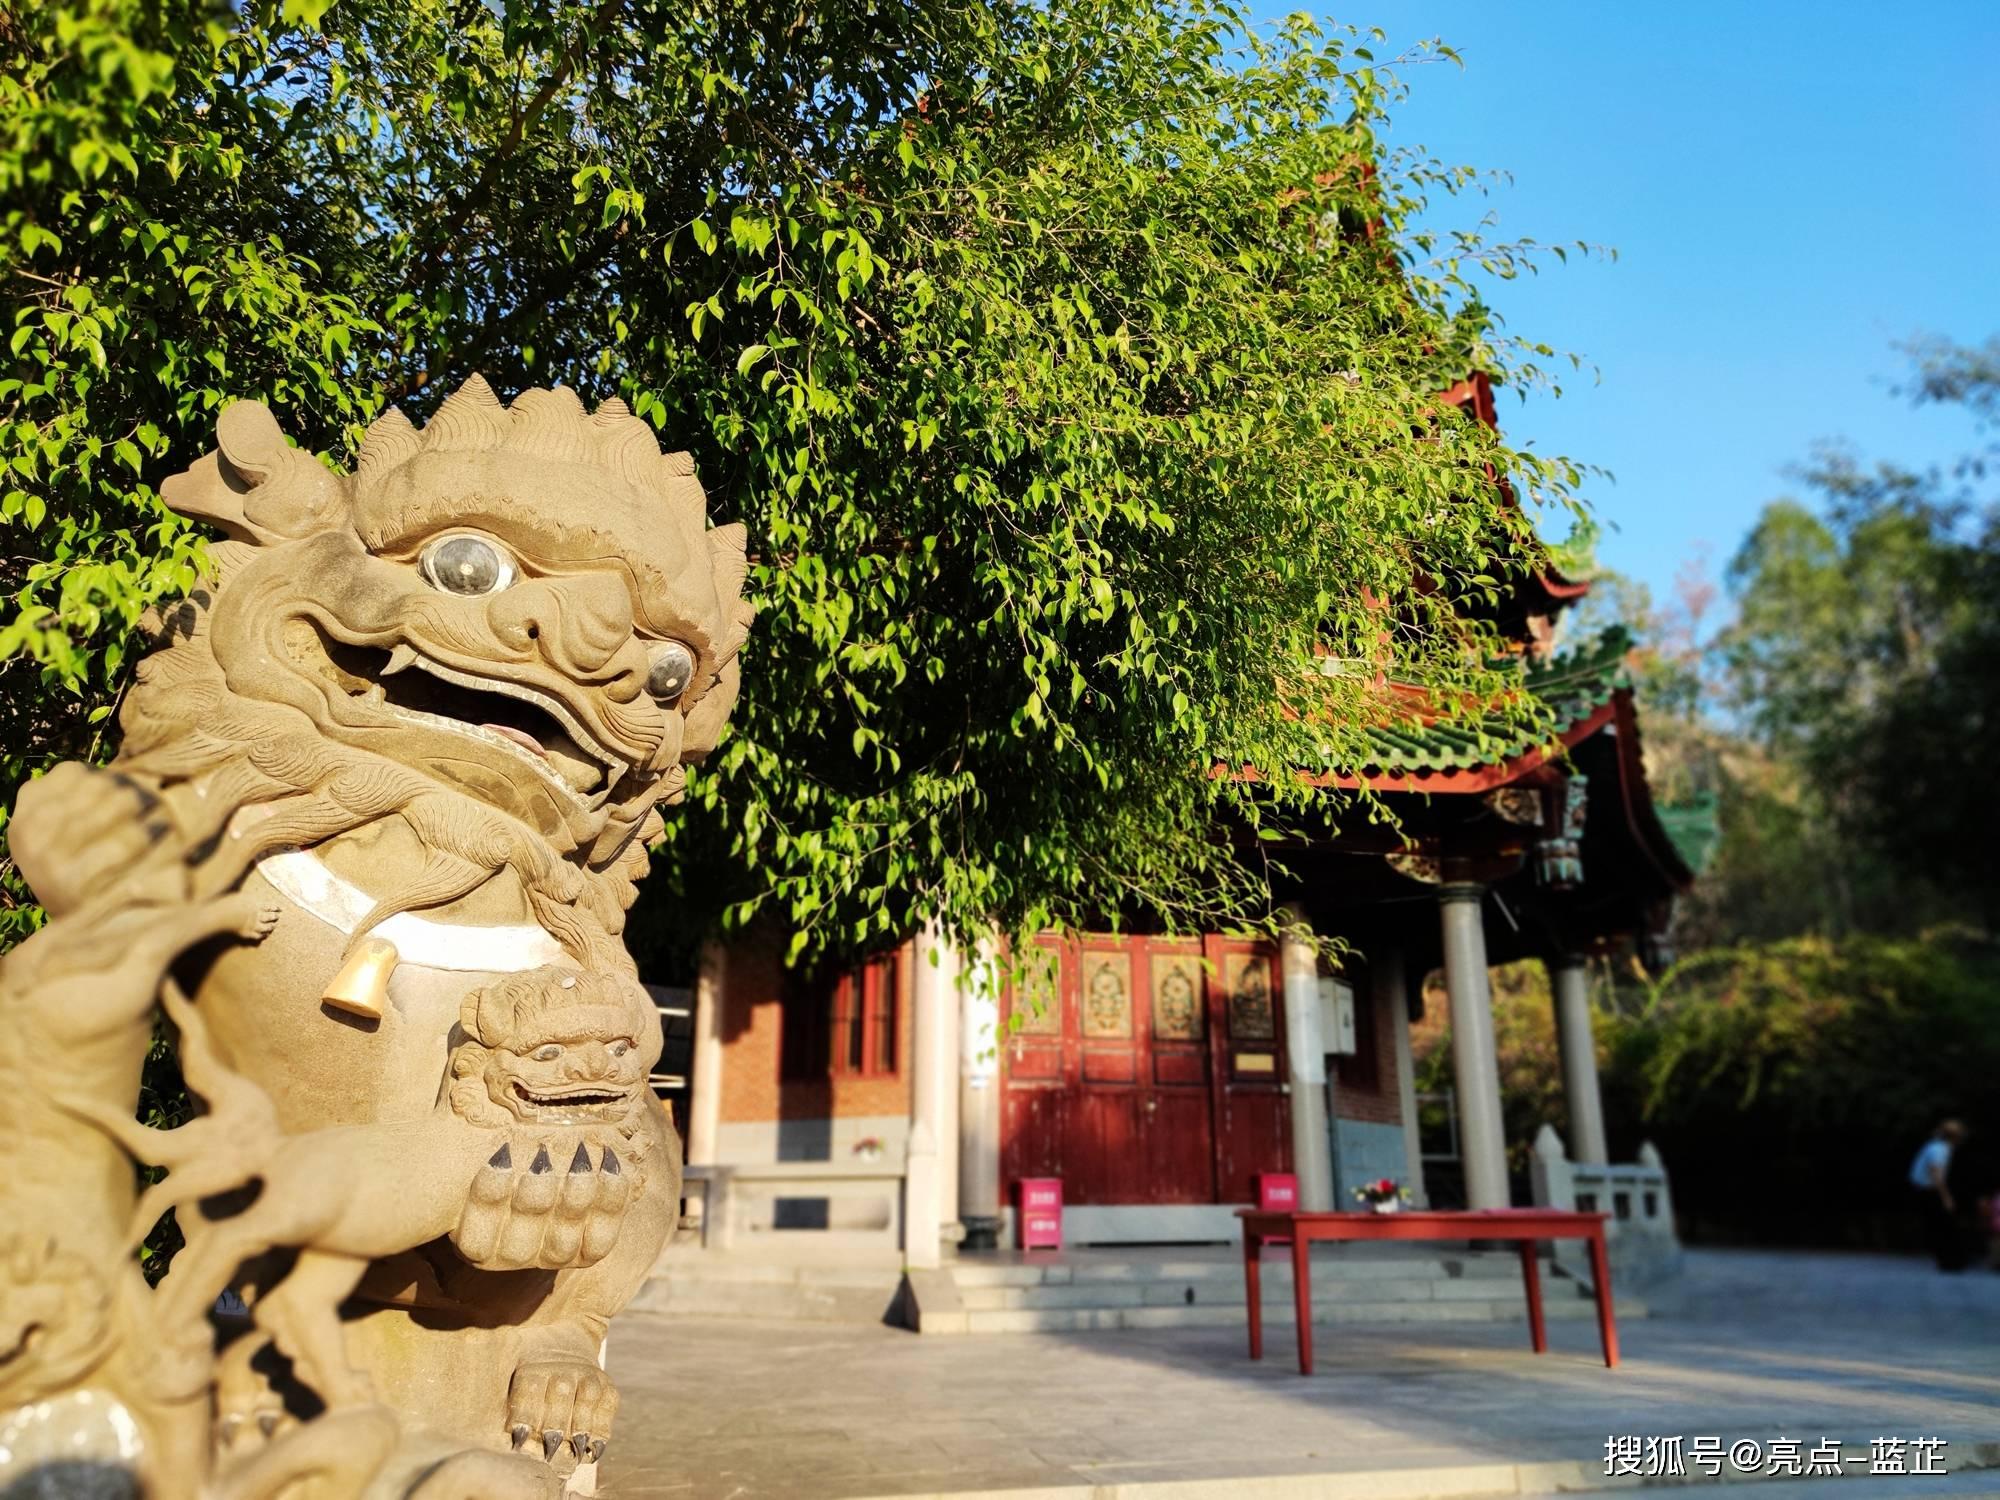 了不起的梅山寺,拥有两个国内之最——石质山门、缅甸白玉佛像  第7张